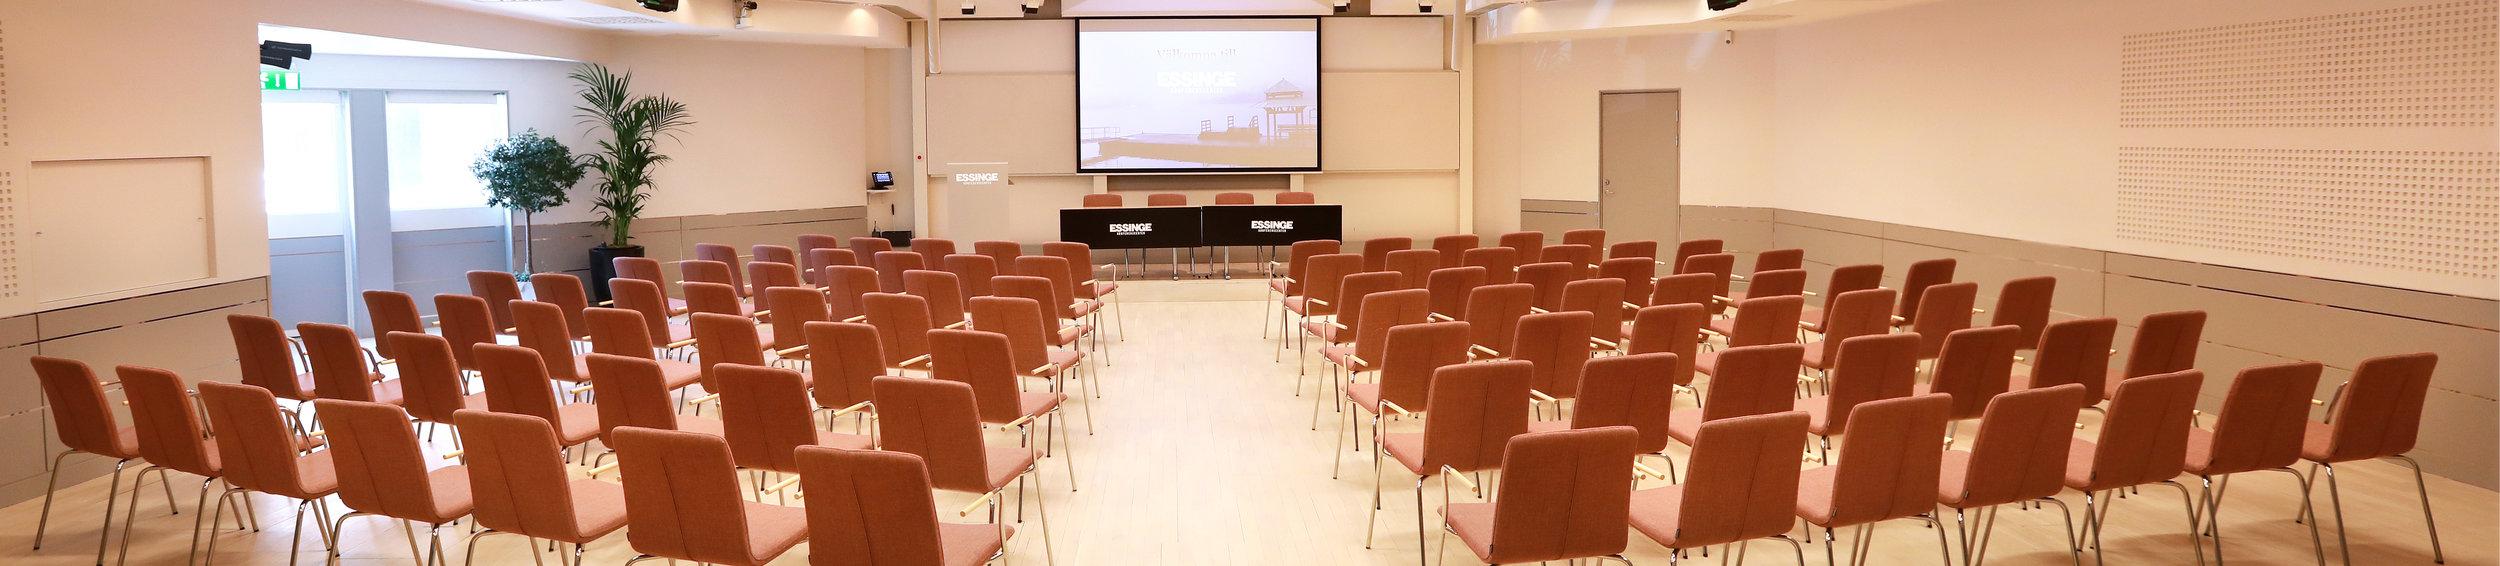 Alviksalen, ett större konferensrum på Essinge Konferenscenter i Stockholm